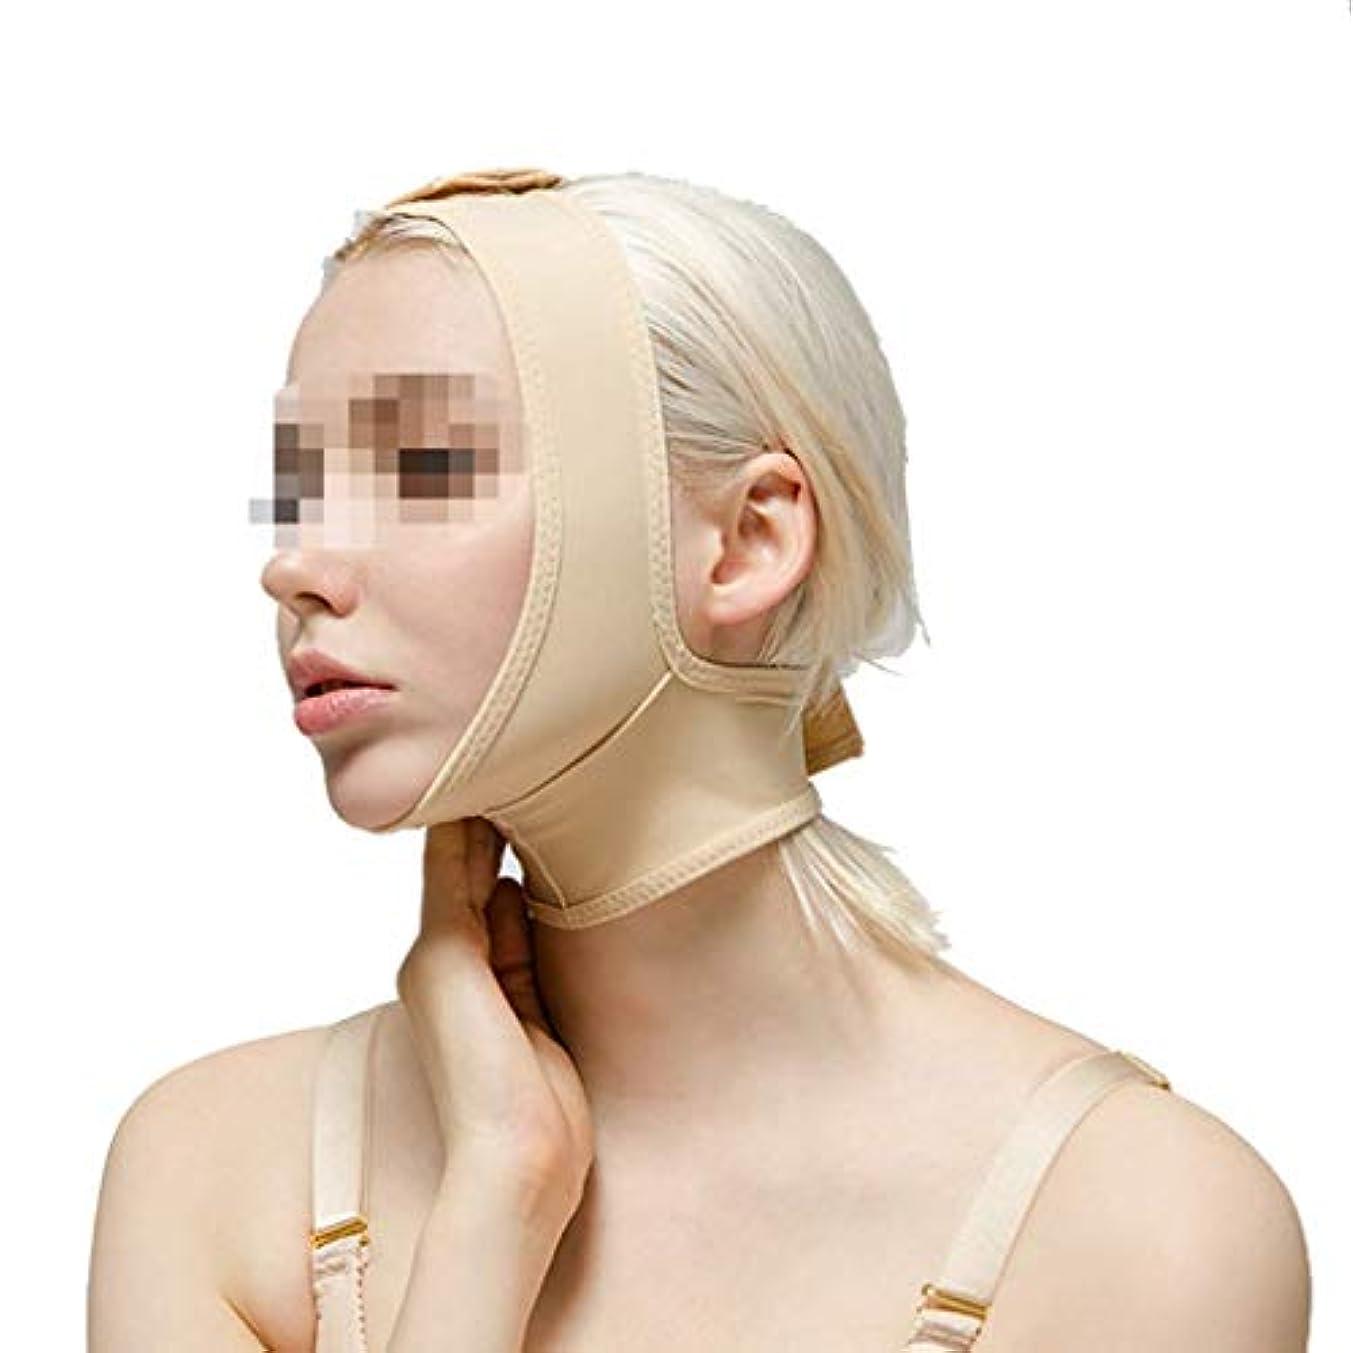 術後伸縮性スリーブ、下顎束フェイスバンデージフェイシャルビームダブルチンシンフェイスマスクマルチサイズオプション(サイズ:L),XL